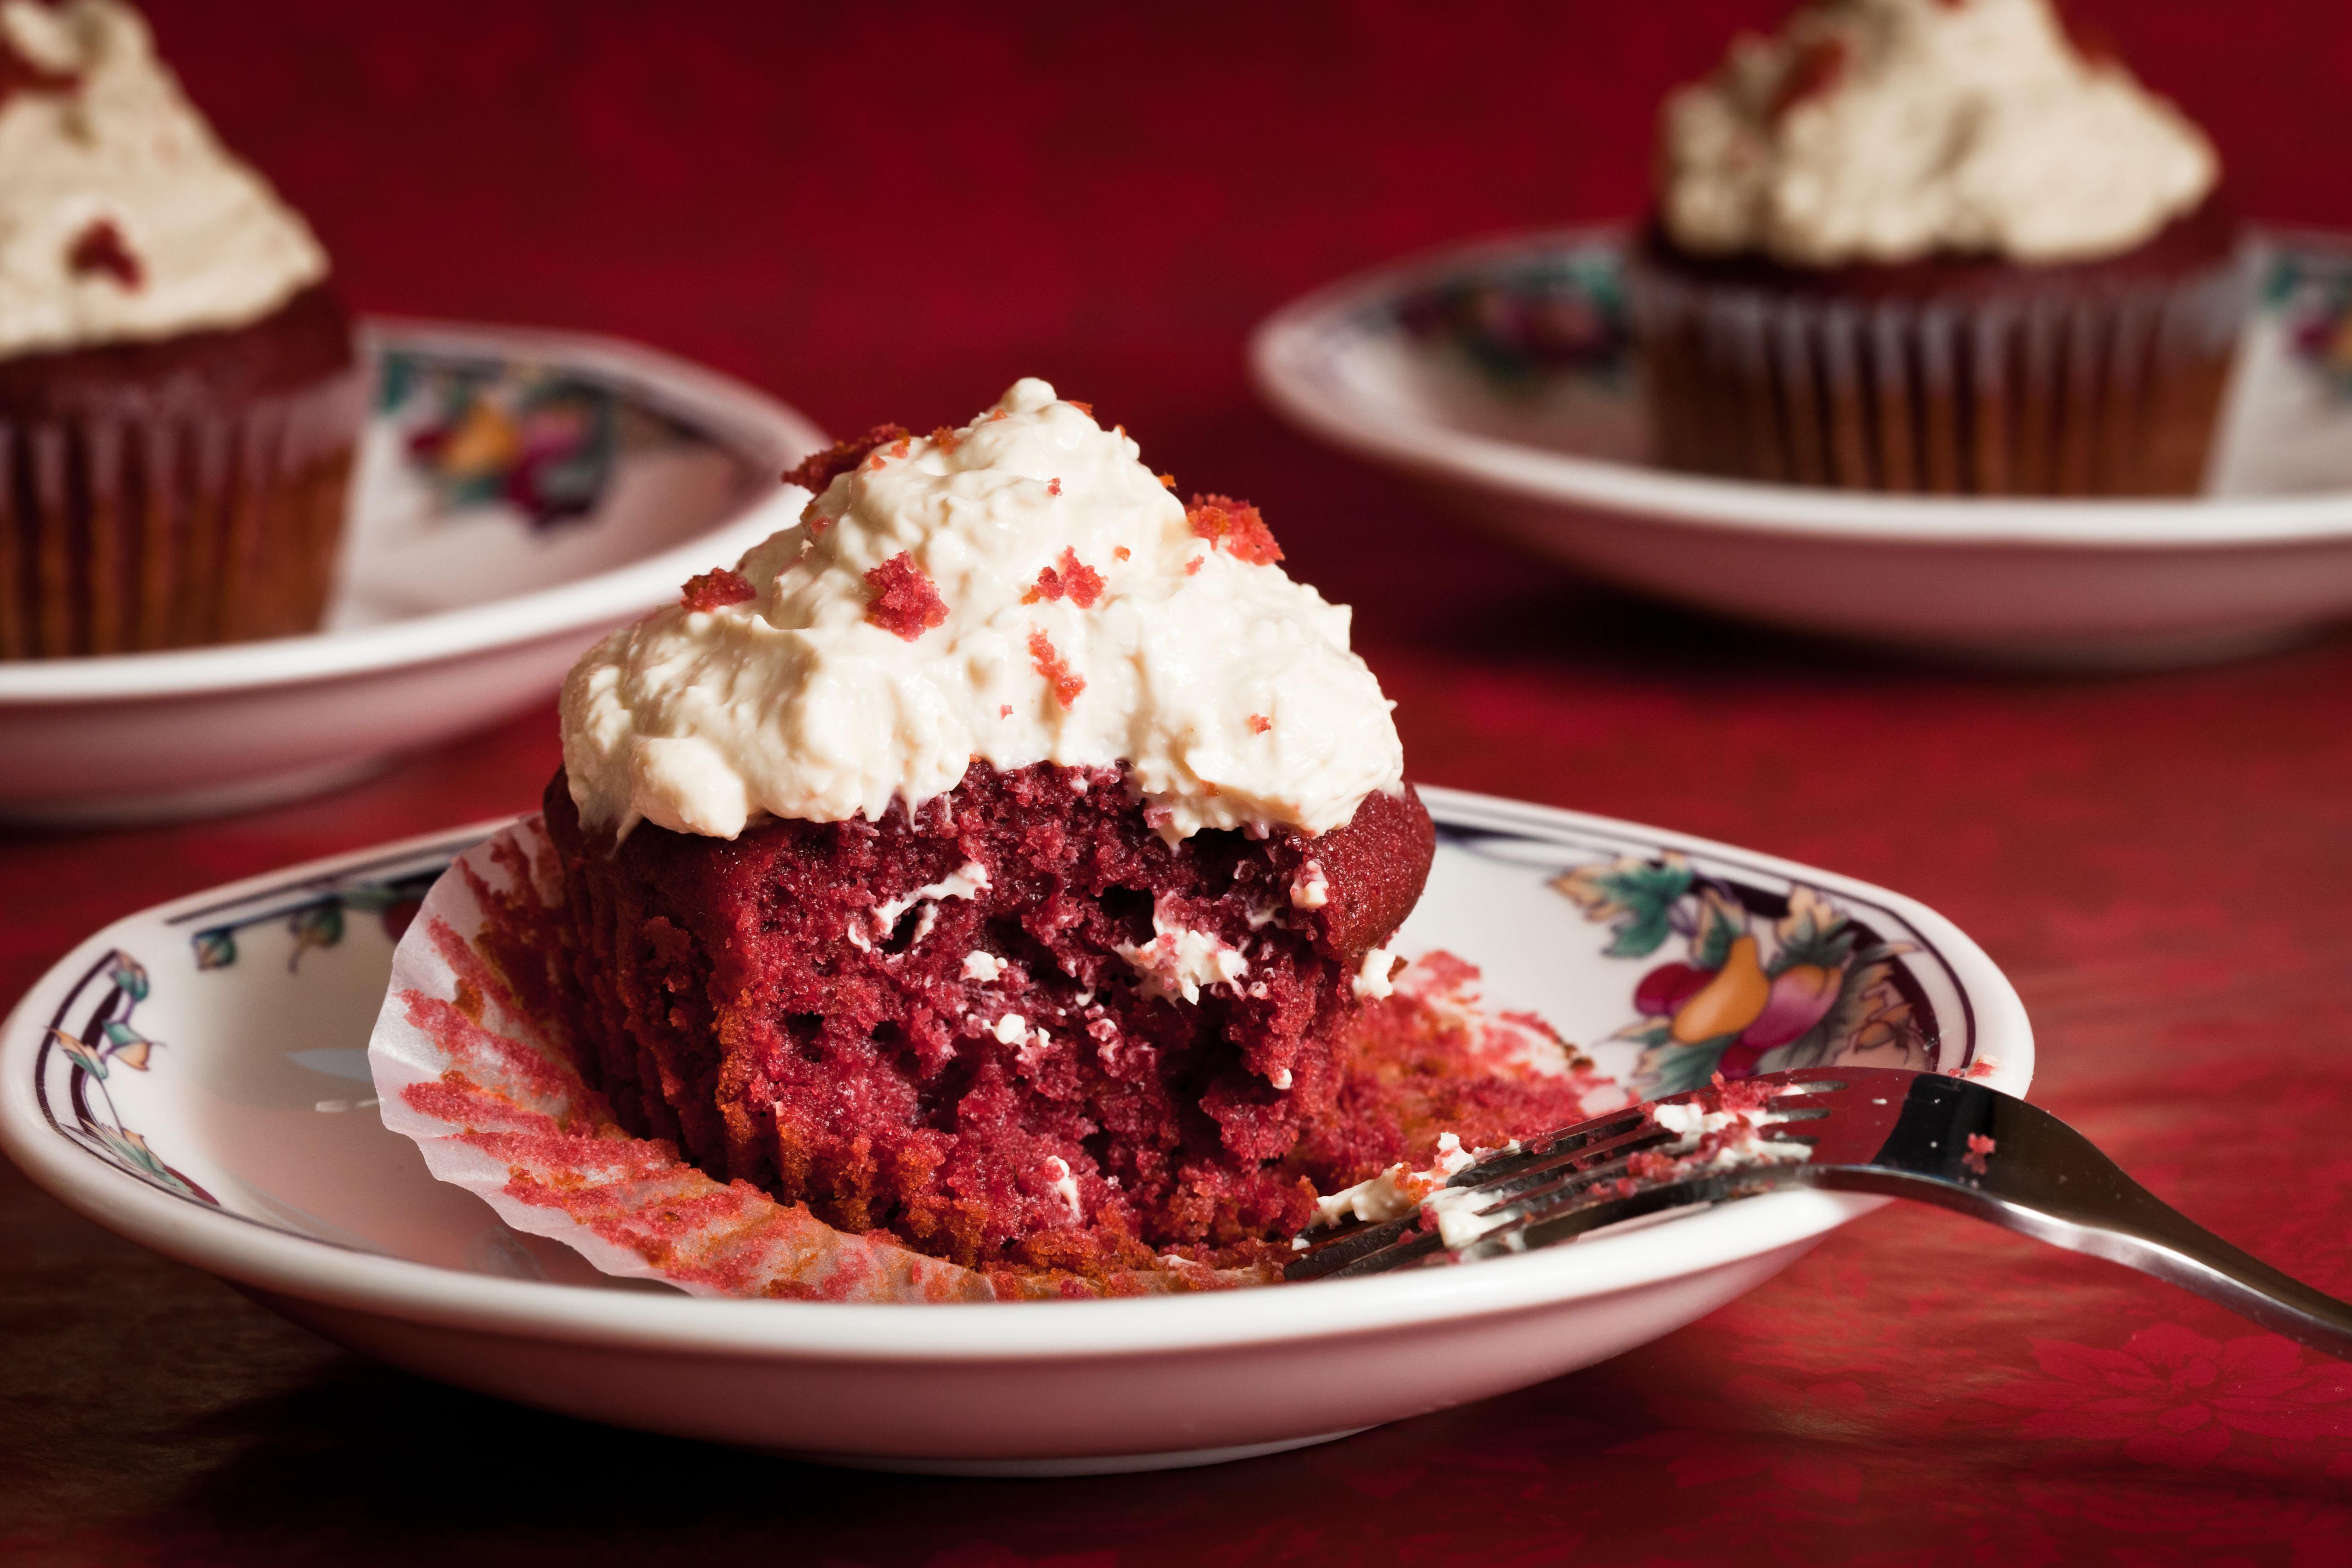 File:Red Velvet Cupcake.jpg